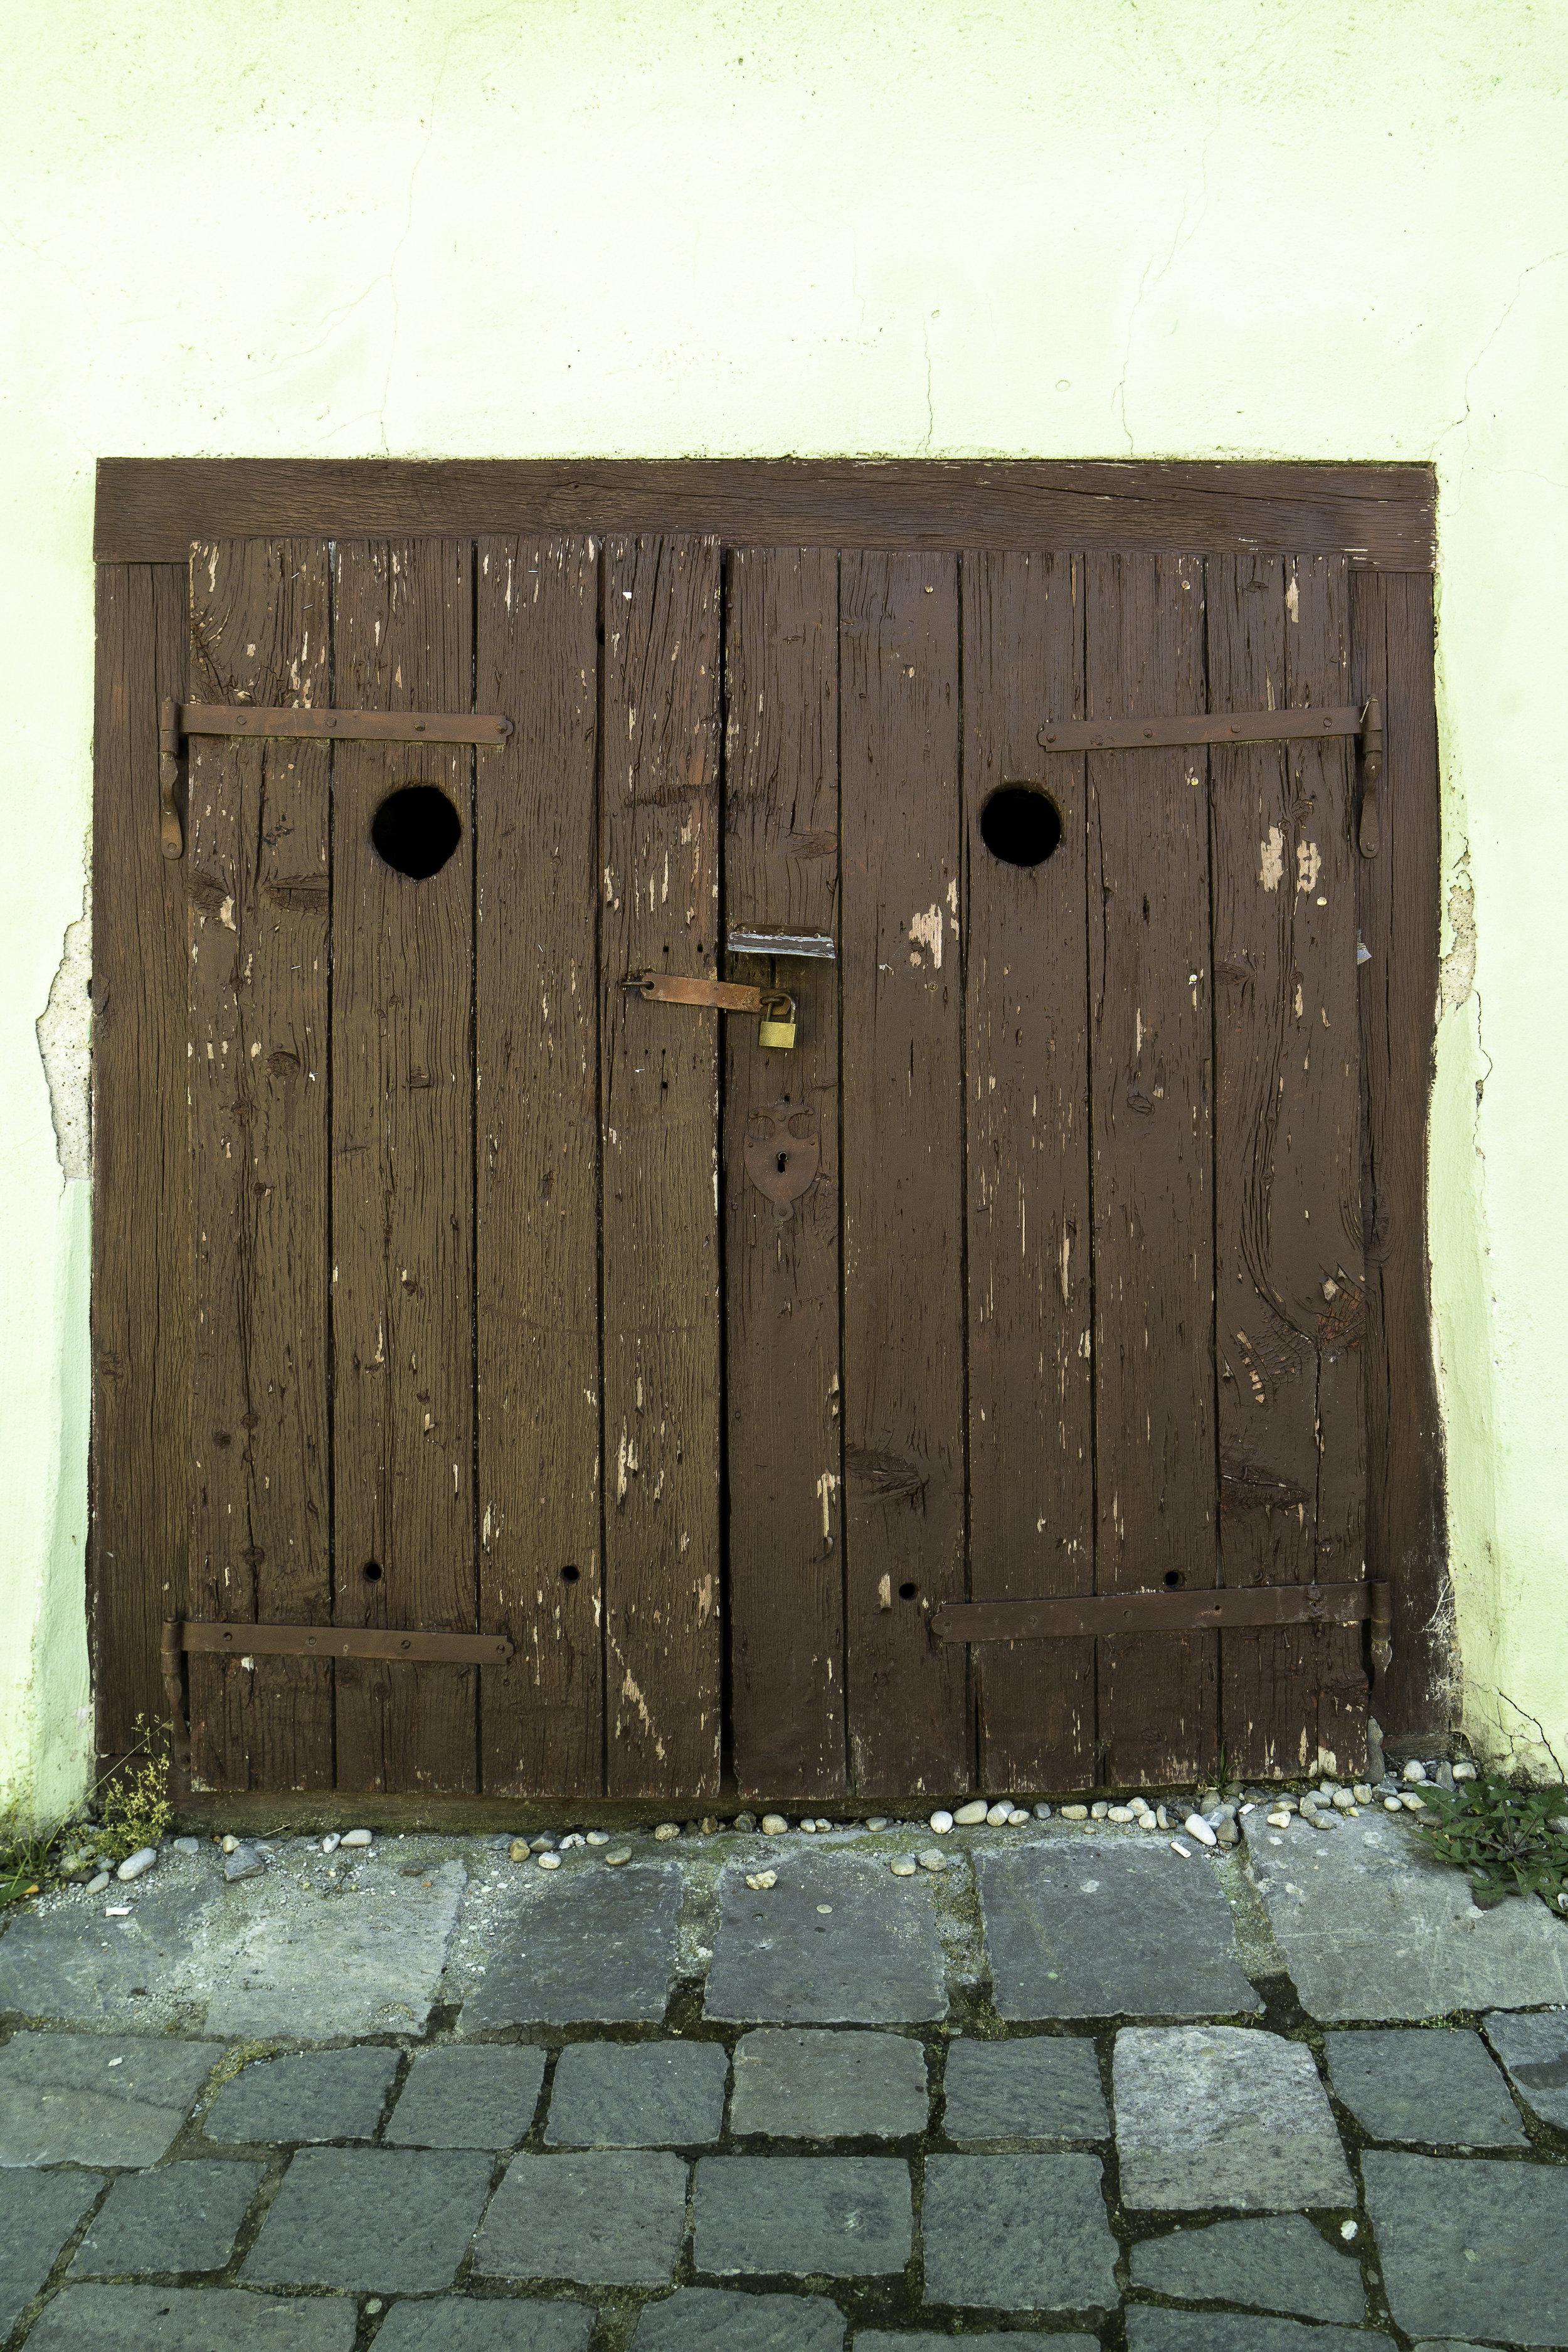 A-still-face-on-a-door.jpg